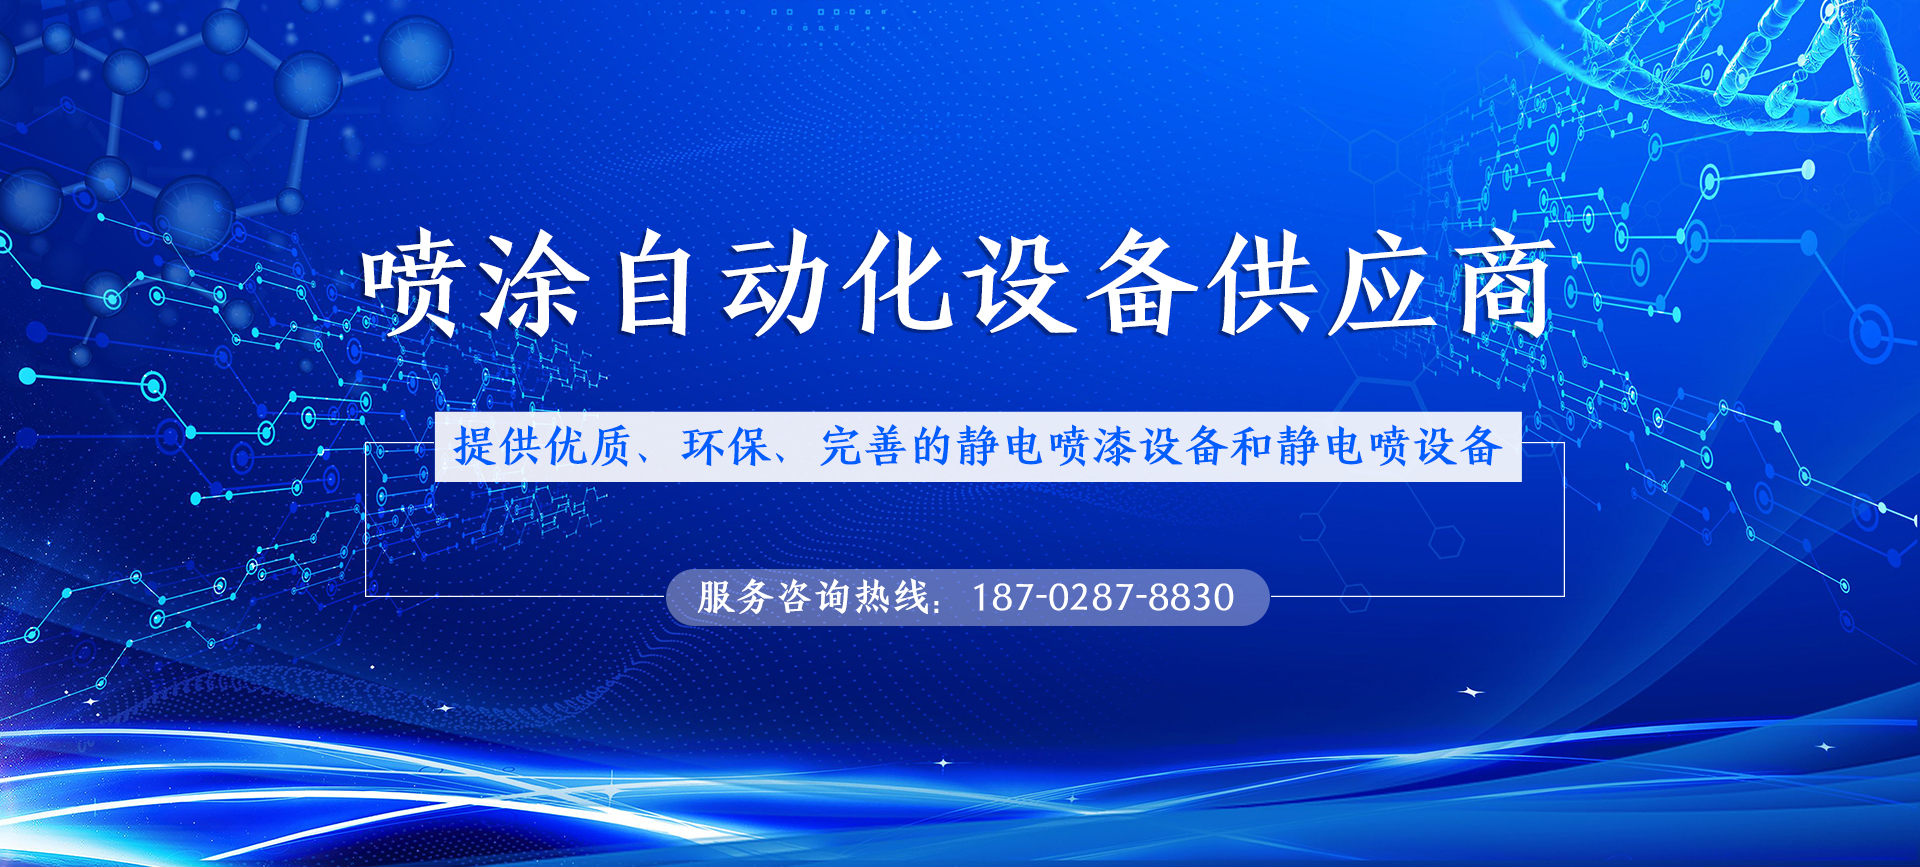 http://www.scruishuang.com/data/upload/202011/20201119110436_982.jpg